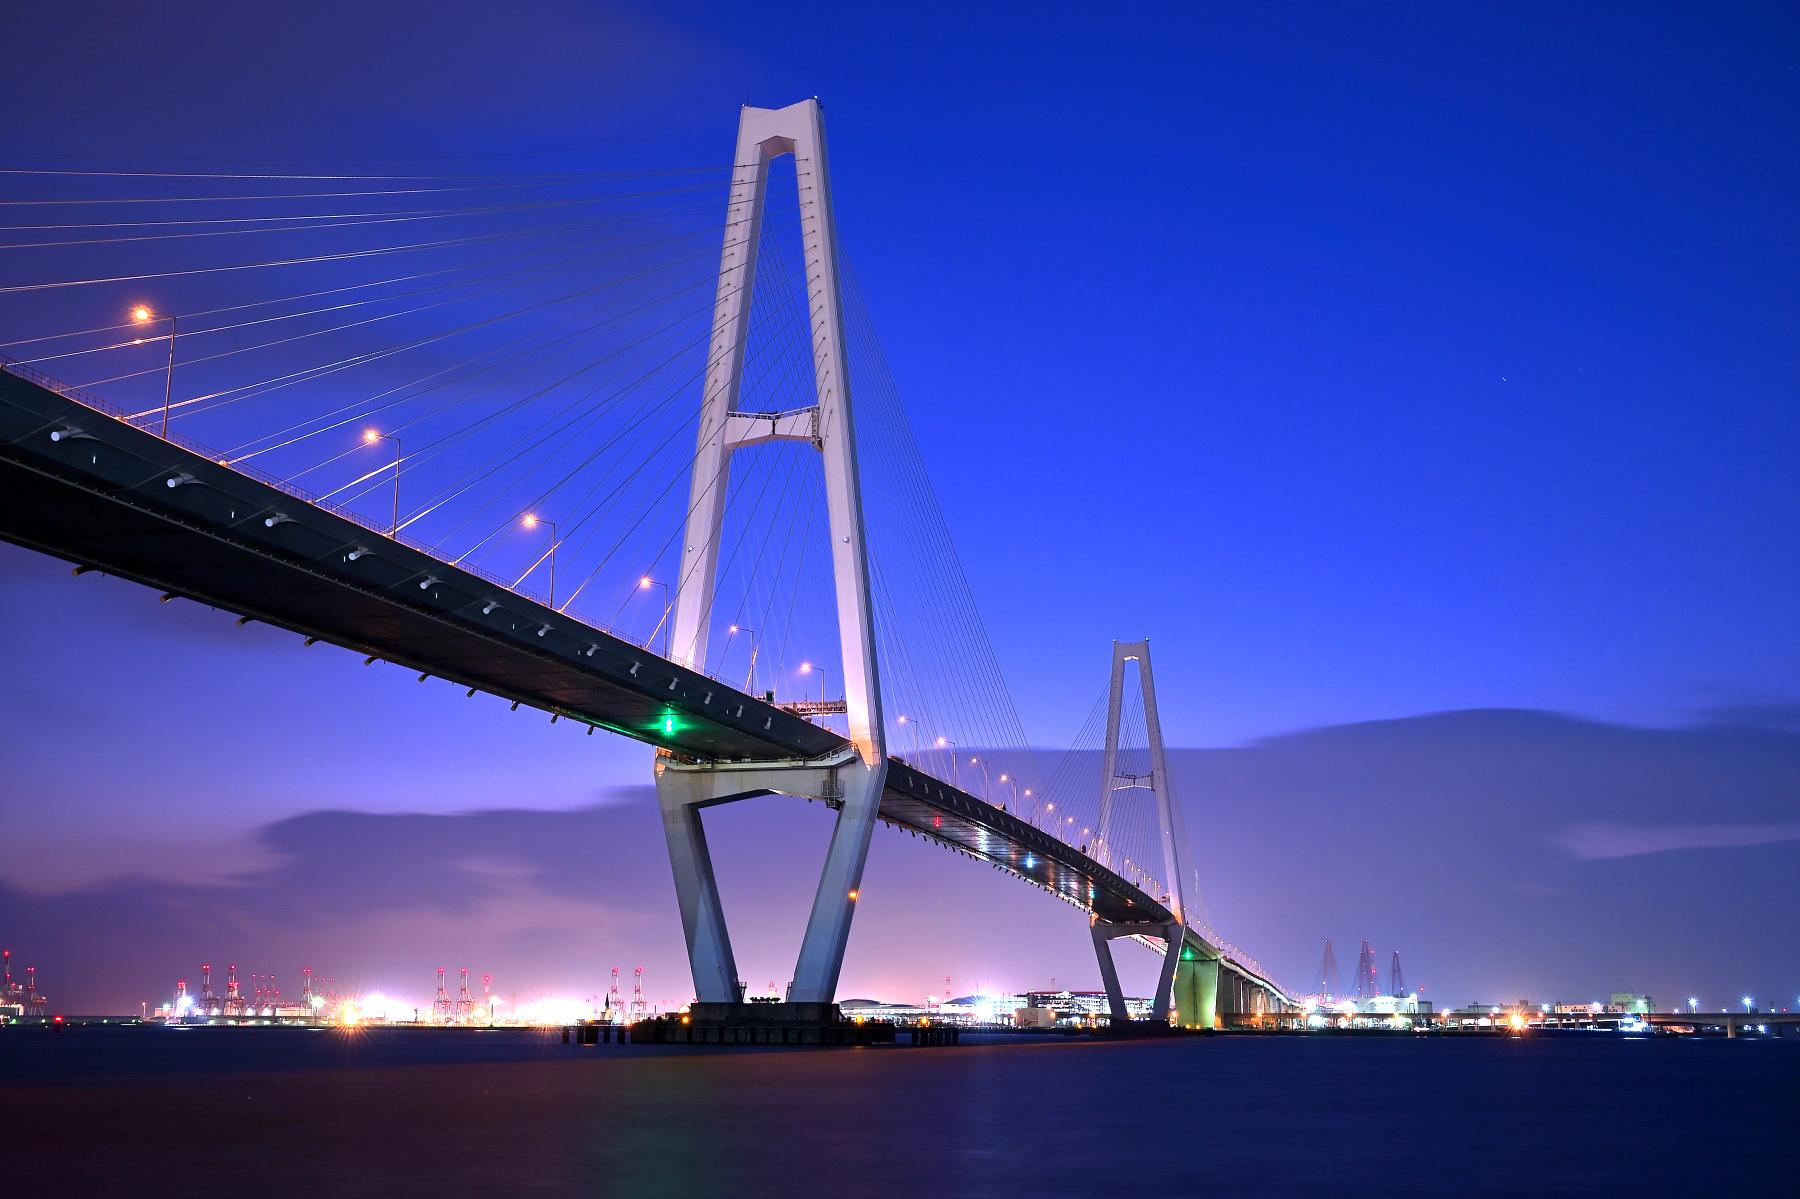 名港トリトン・名港中央大橋